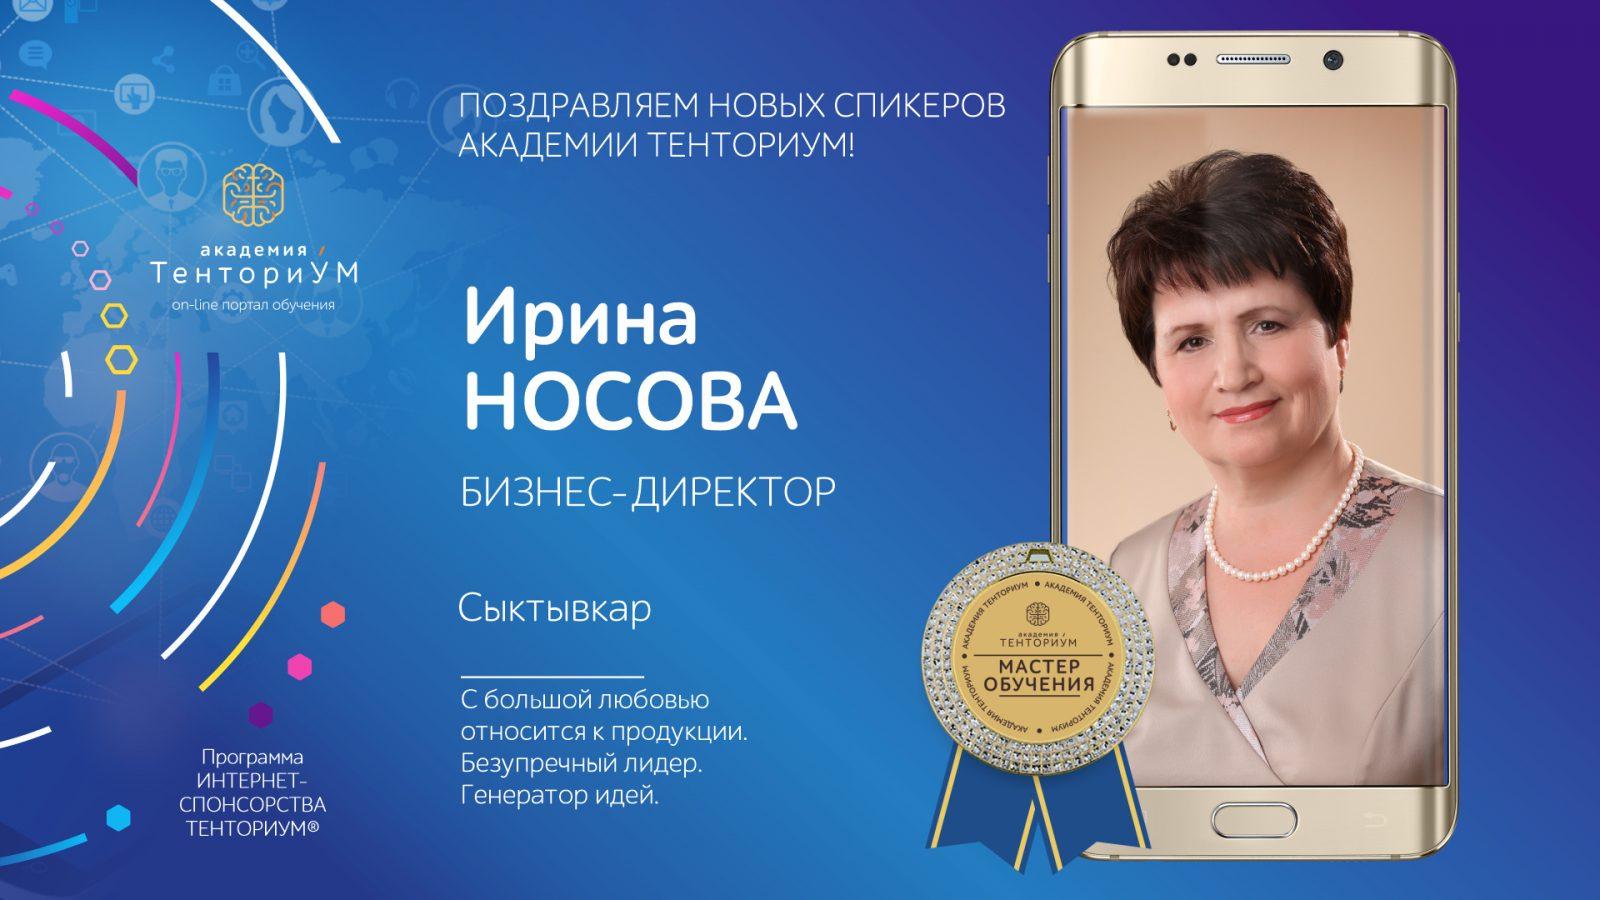 Internet-Sponsorstva-TENTORIUM-_ProDvizhenie_1920h1080-8